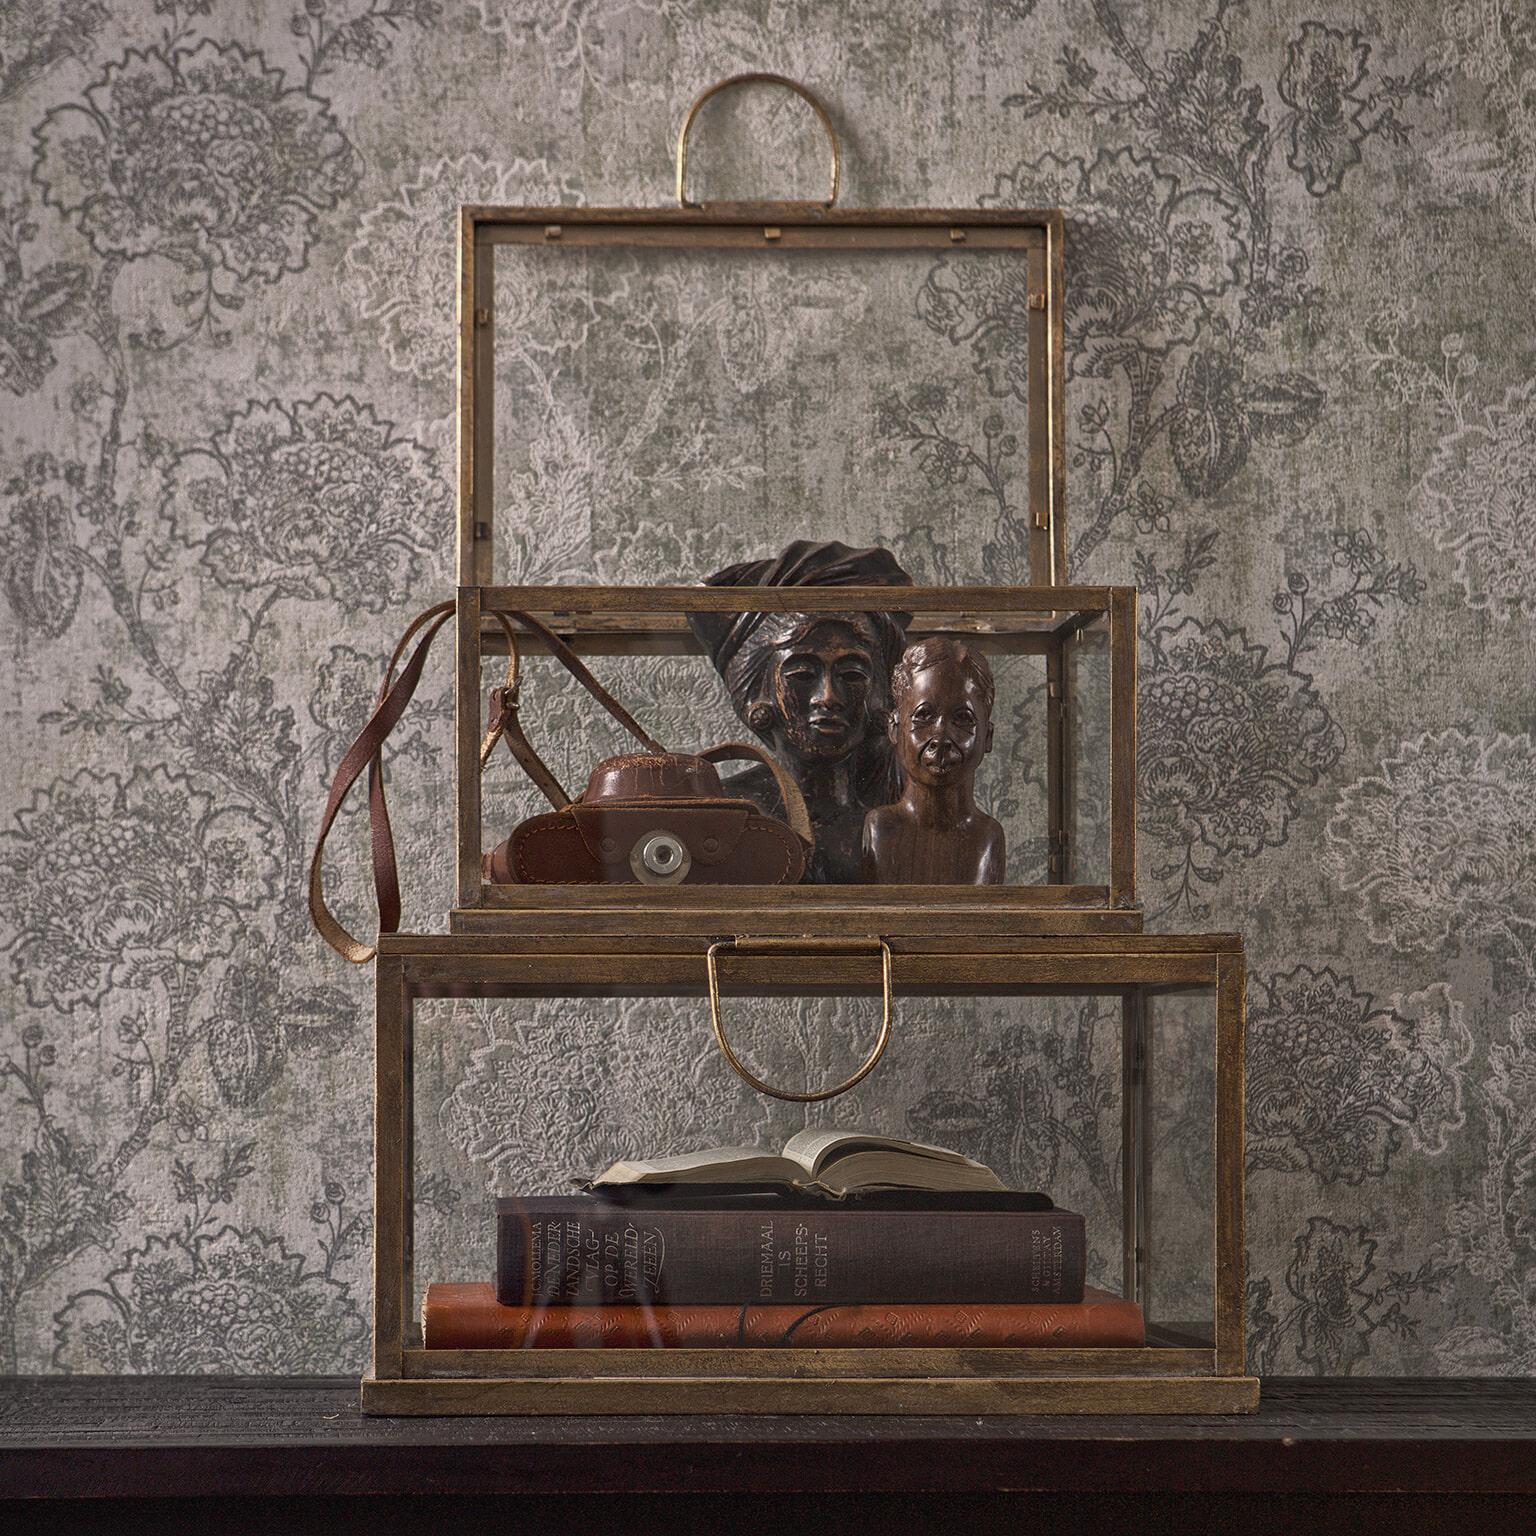 BePureHome Opbergdoos 'Fortune' Set van 2 stuks, kleur Antique Brass Metaal met antiek brass afwerking aanschaffen? Kijk hier!